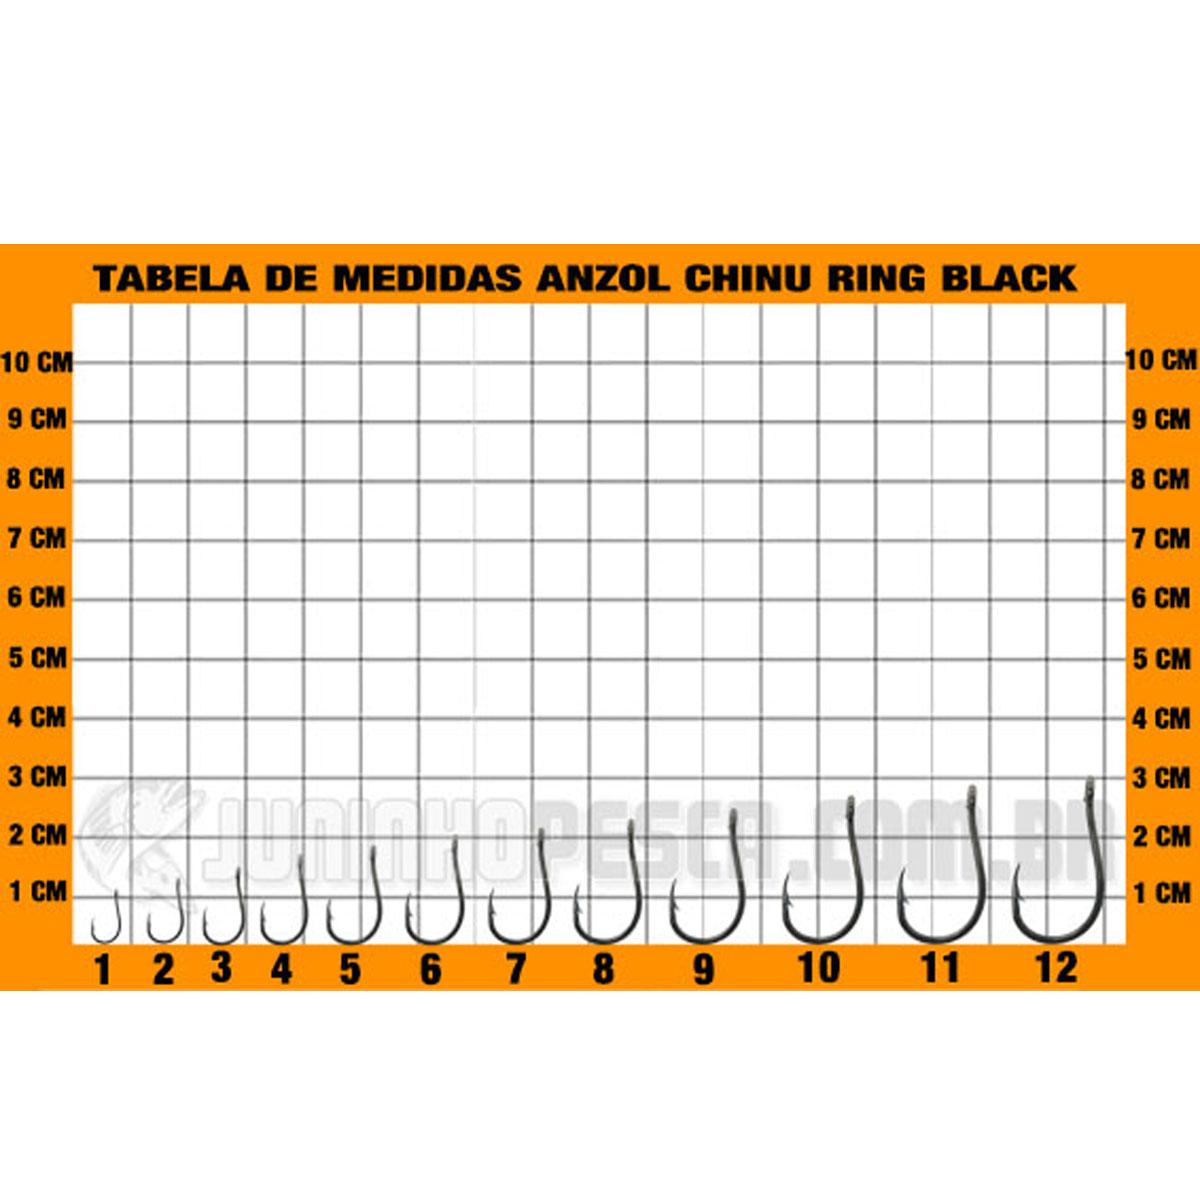 Anzol Pinnacle Chinu Ring Black nº 12  - Pró Pesca Shop